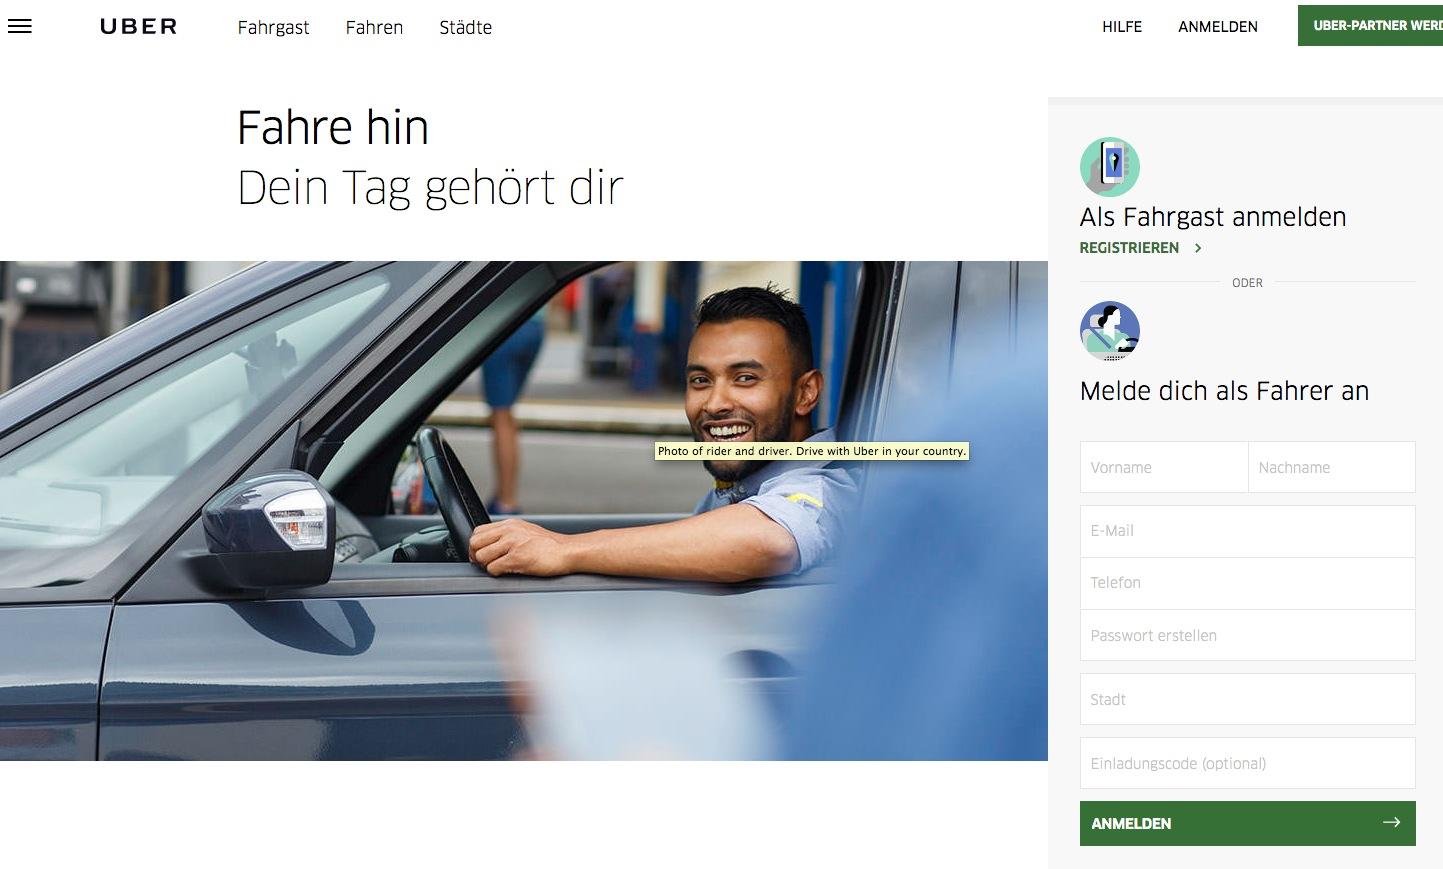 Der günstige Fahrdienst Uber deckt die Region Zug von Zürich aus ab.